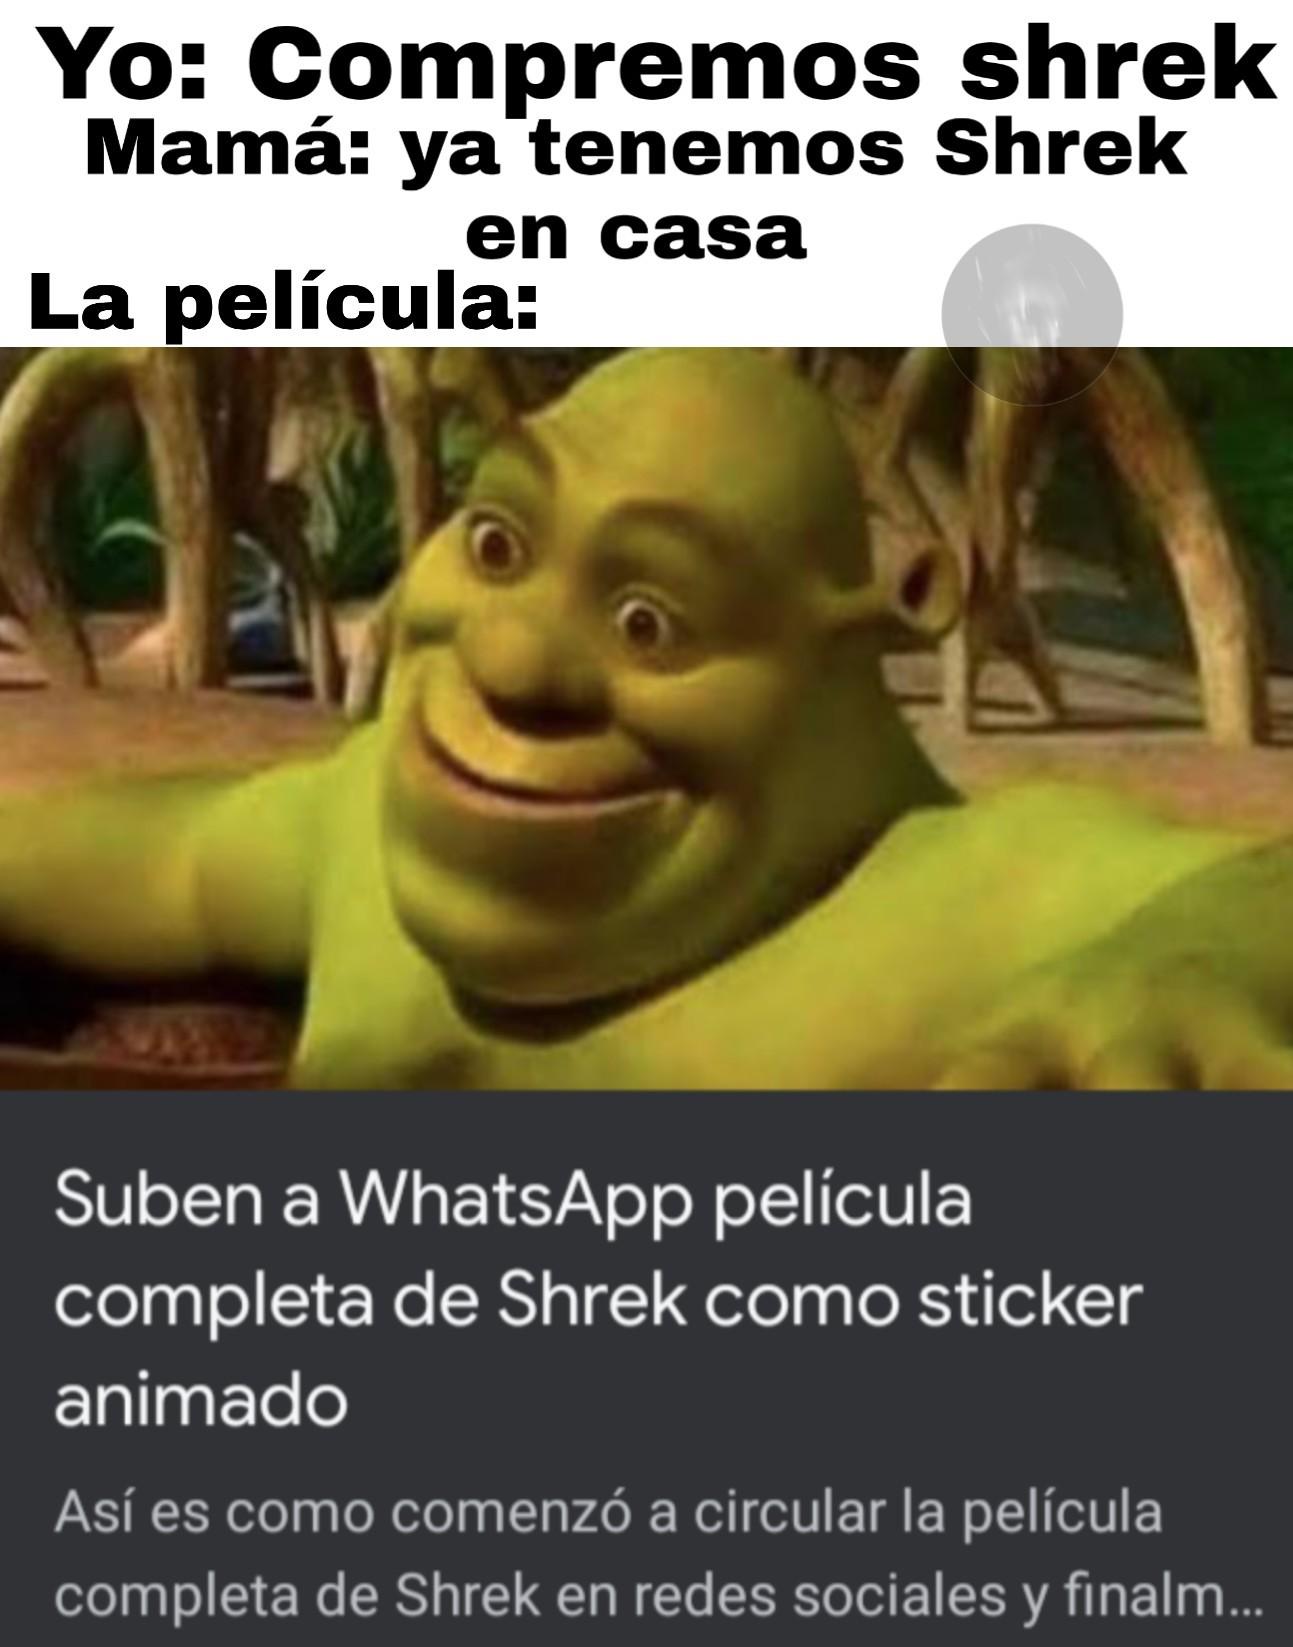 Cuánto pesará ese sticker - meme